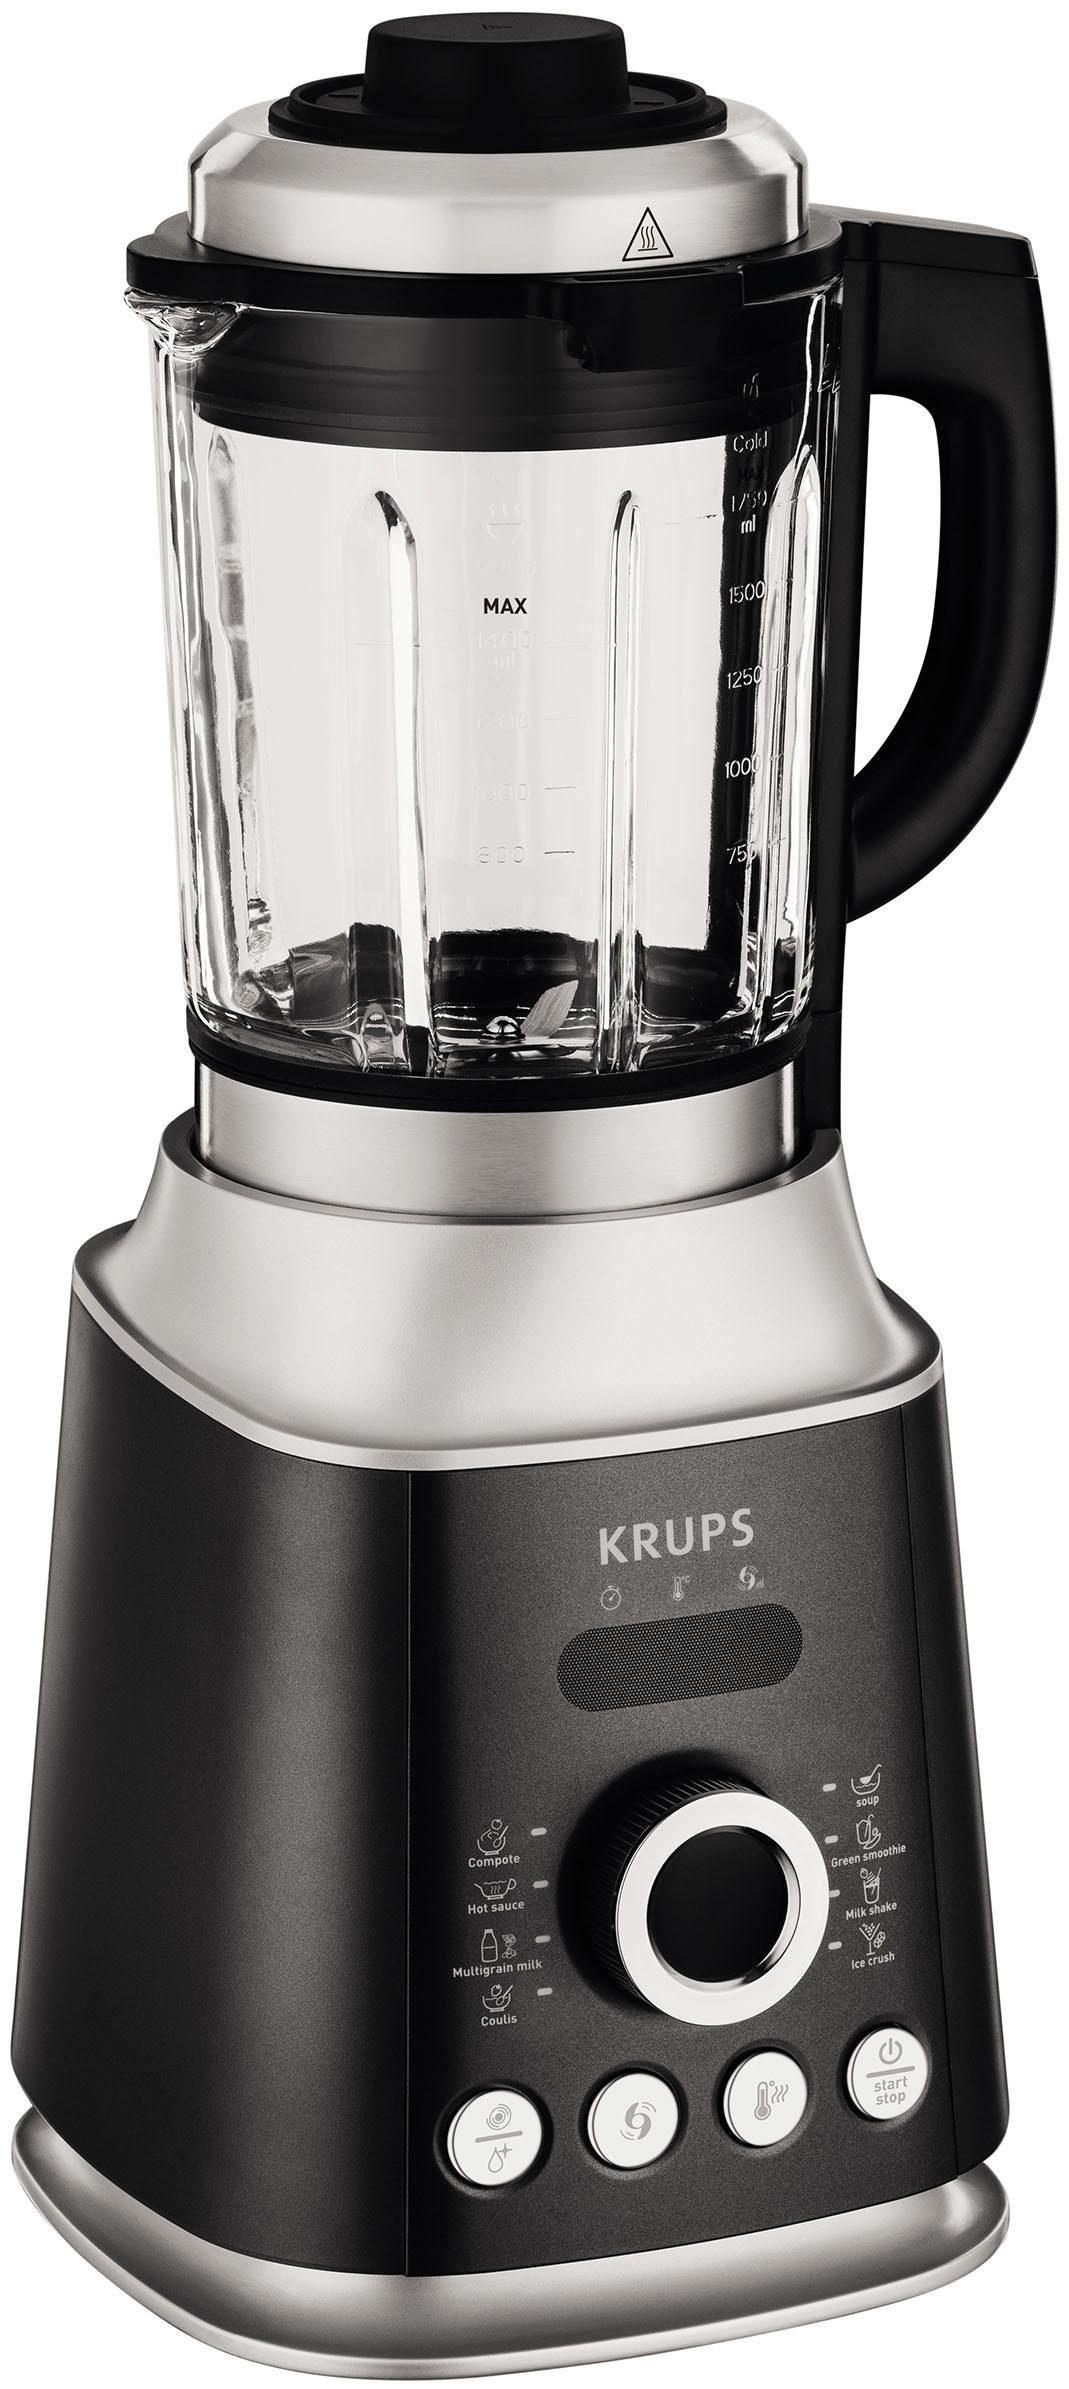 Krups Standmixer KB852E Ultrablend Cook, 1300 Watt